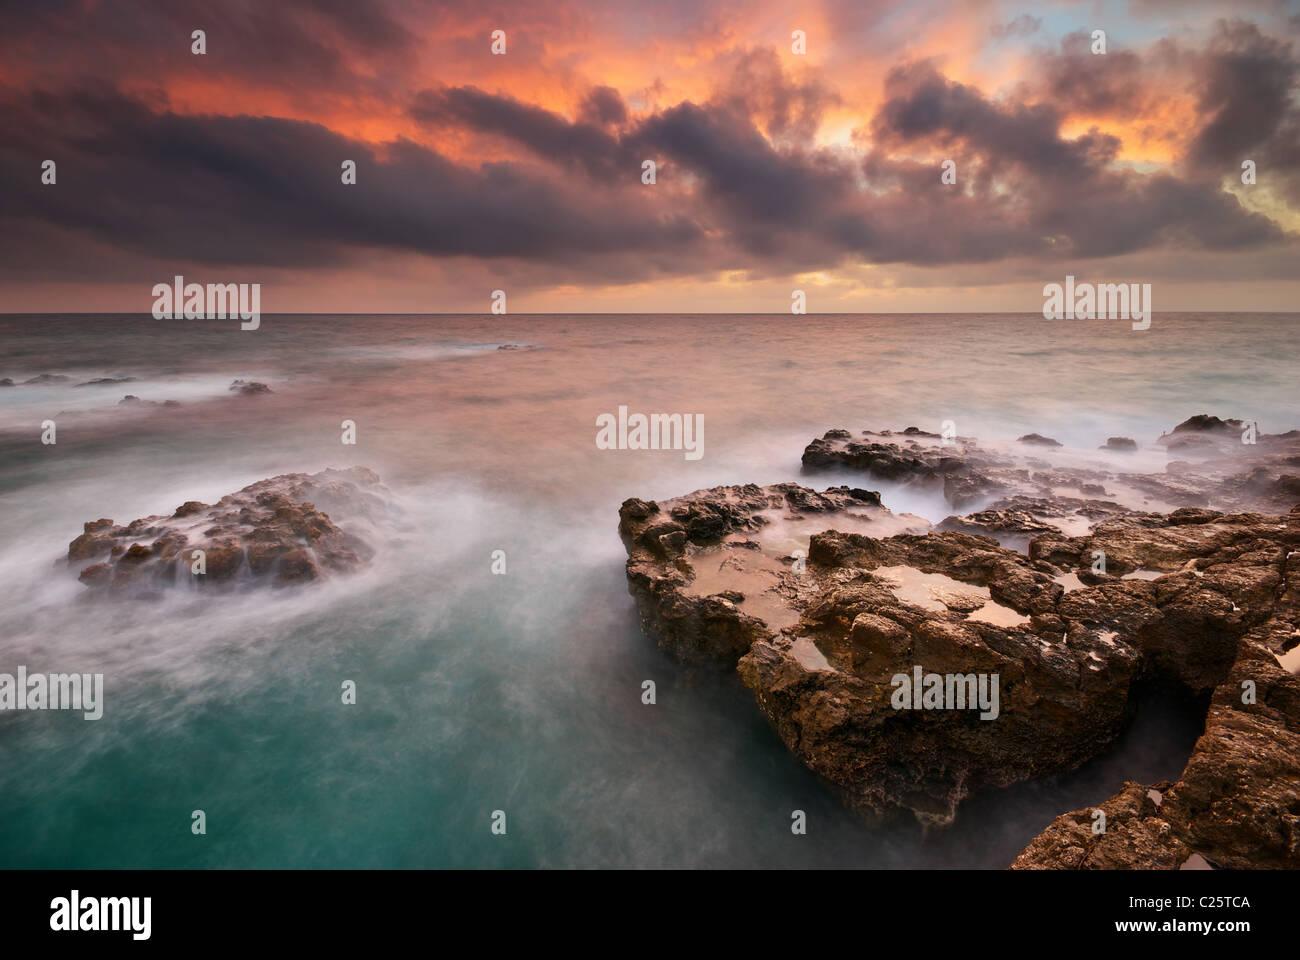 Beau paysage marin. Mer et rocher au coucher du soleil. Composition de la nature. Photo Stock